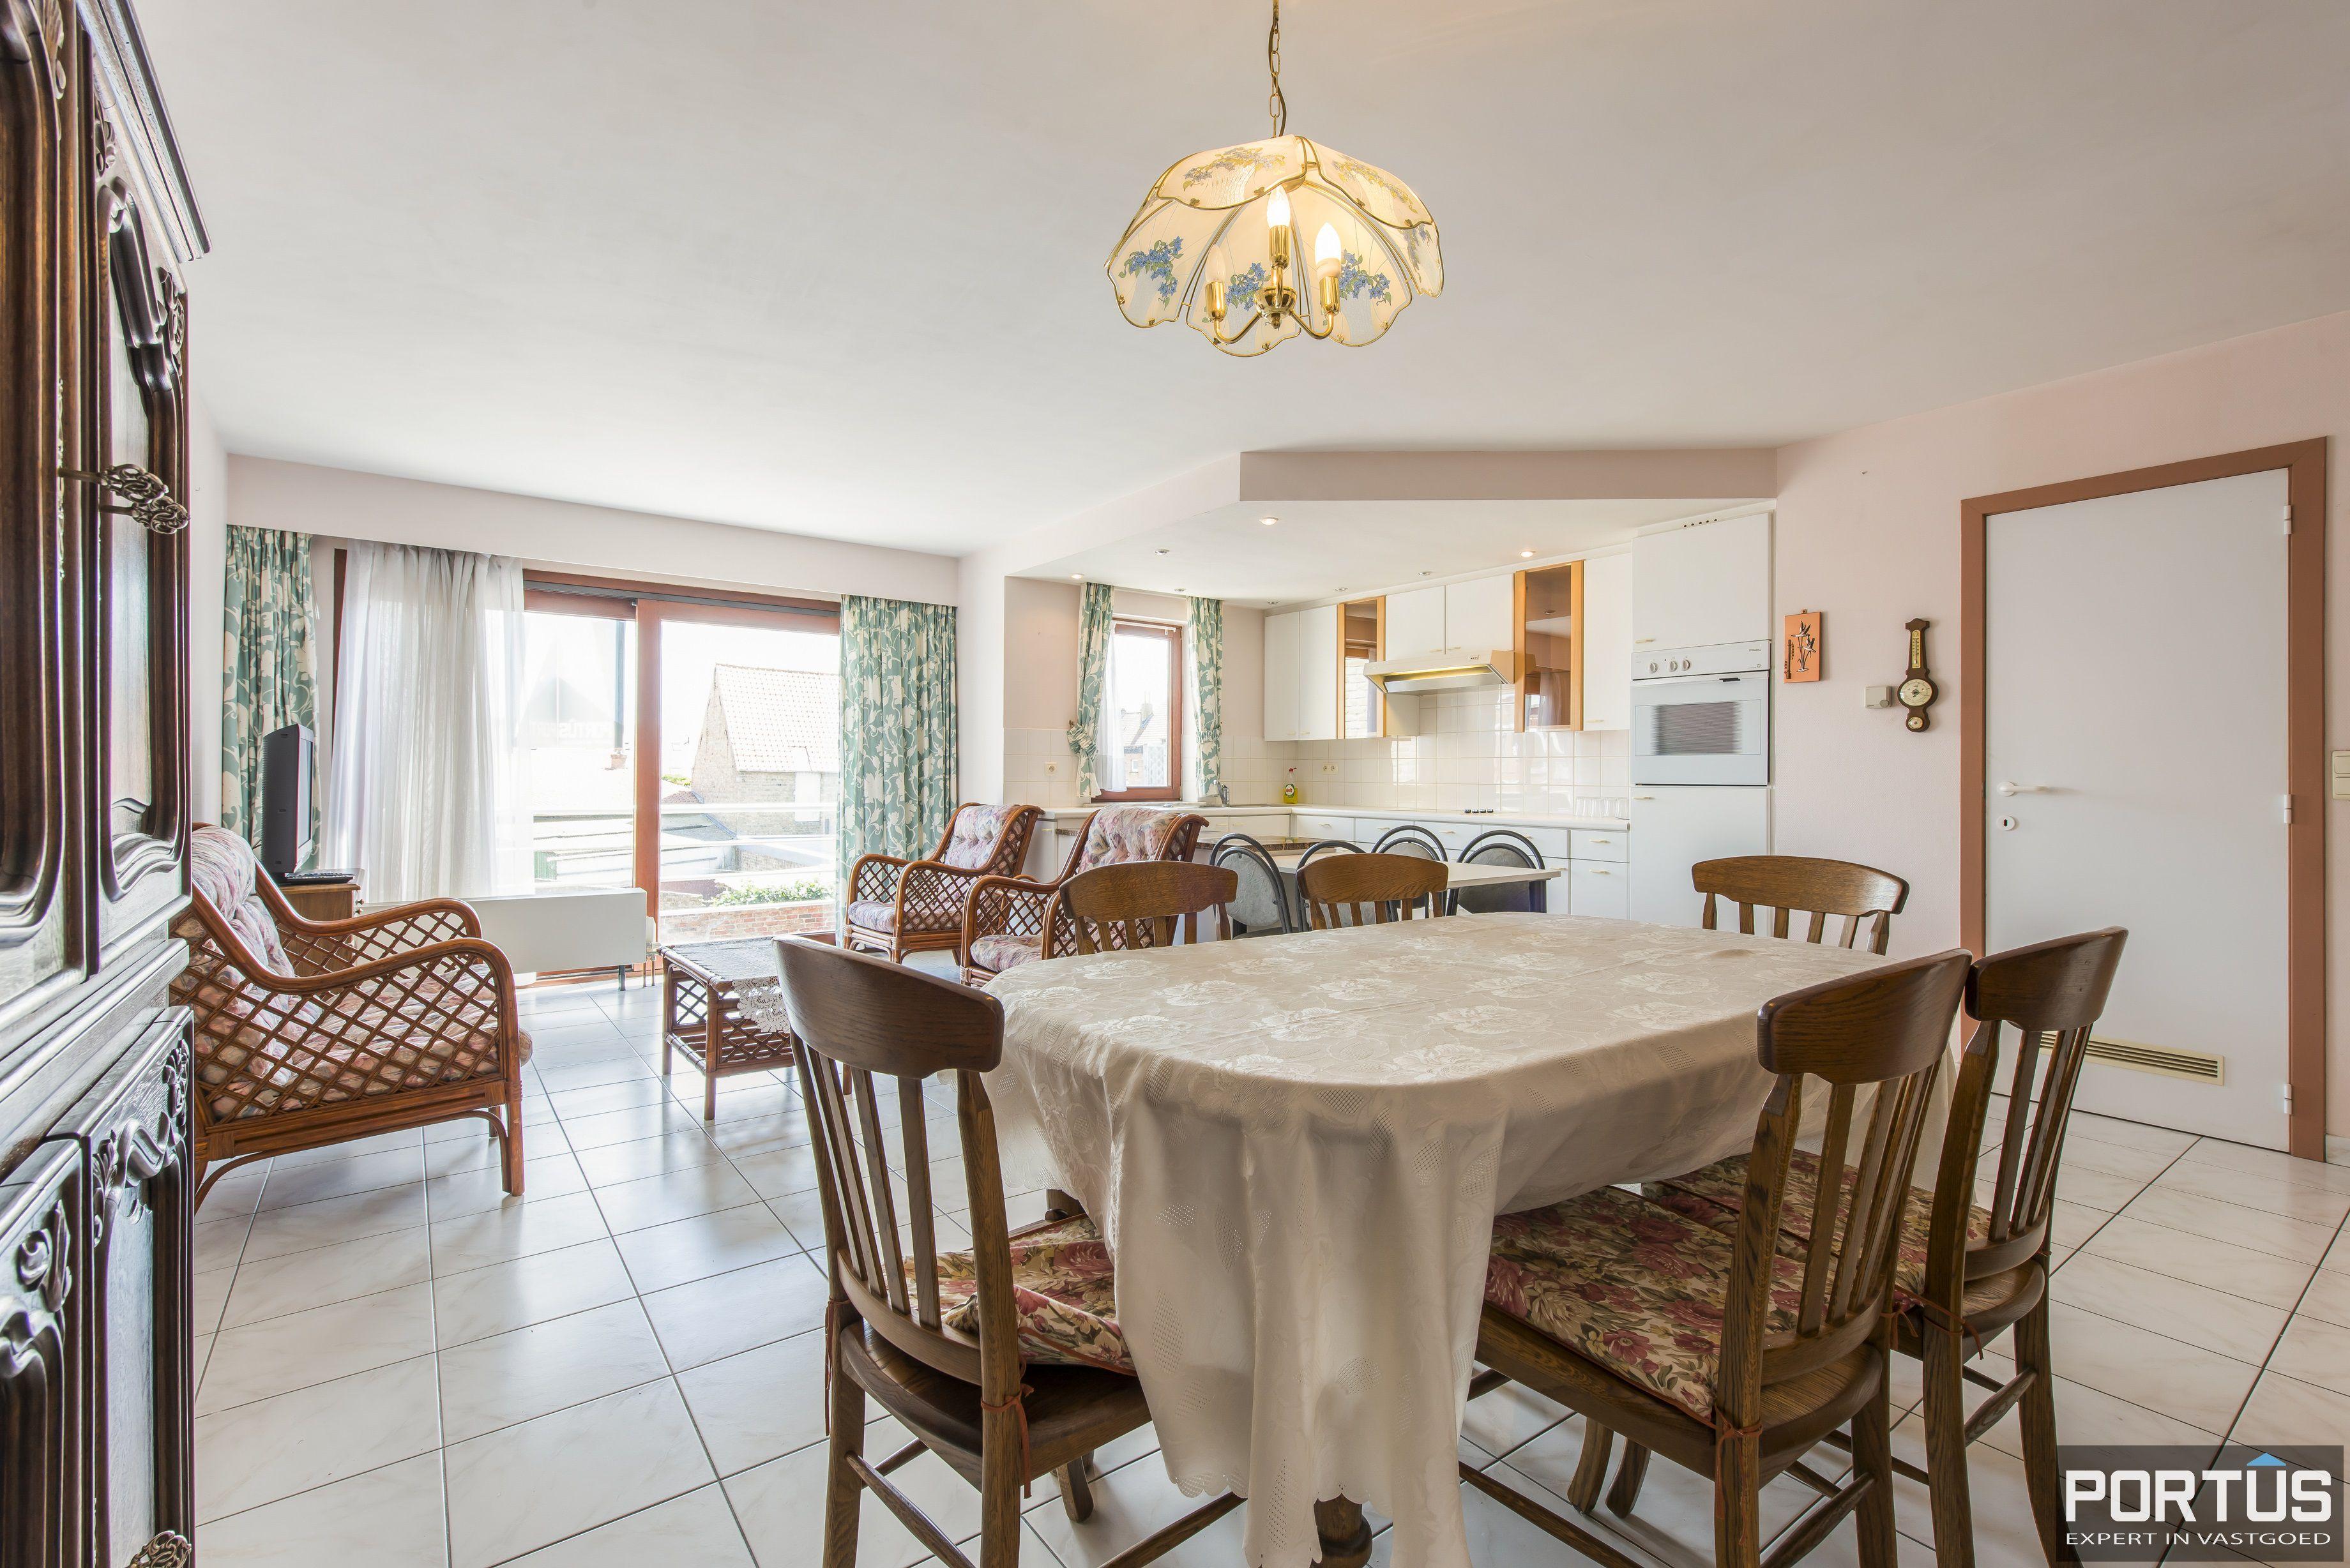 Ruim appartement met 2 slaapkamers te koop te Nieuwpoort-Stad - 11195